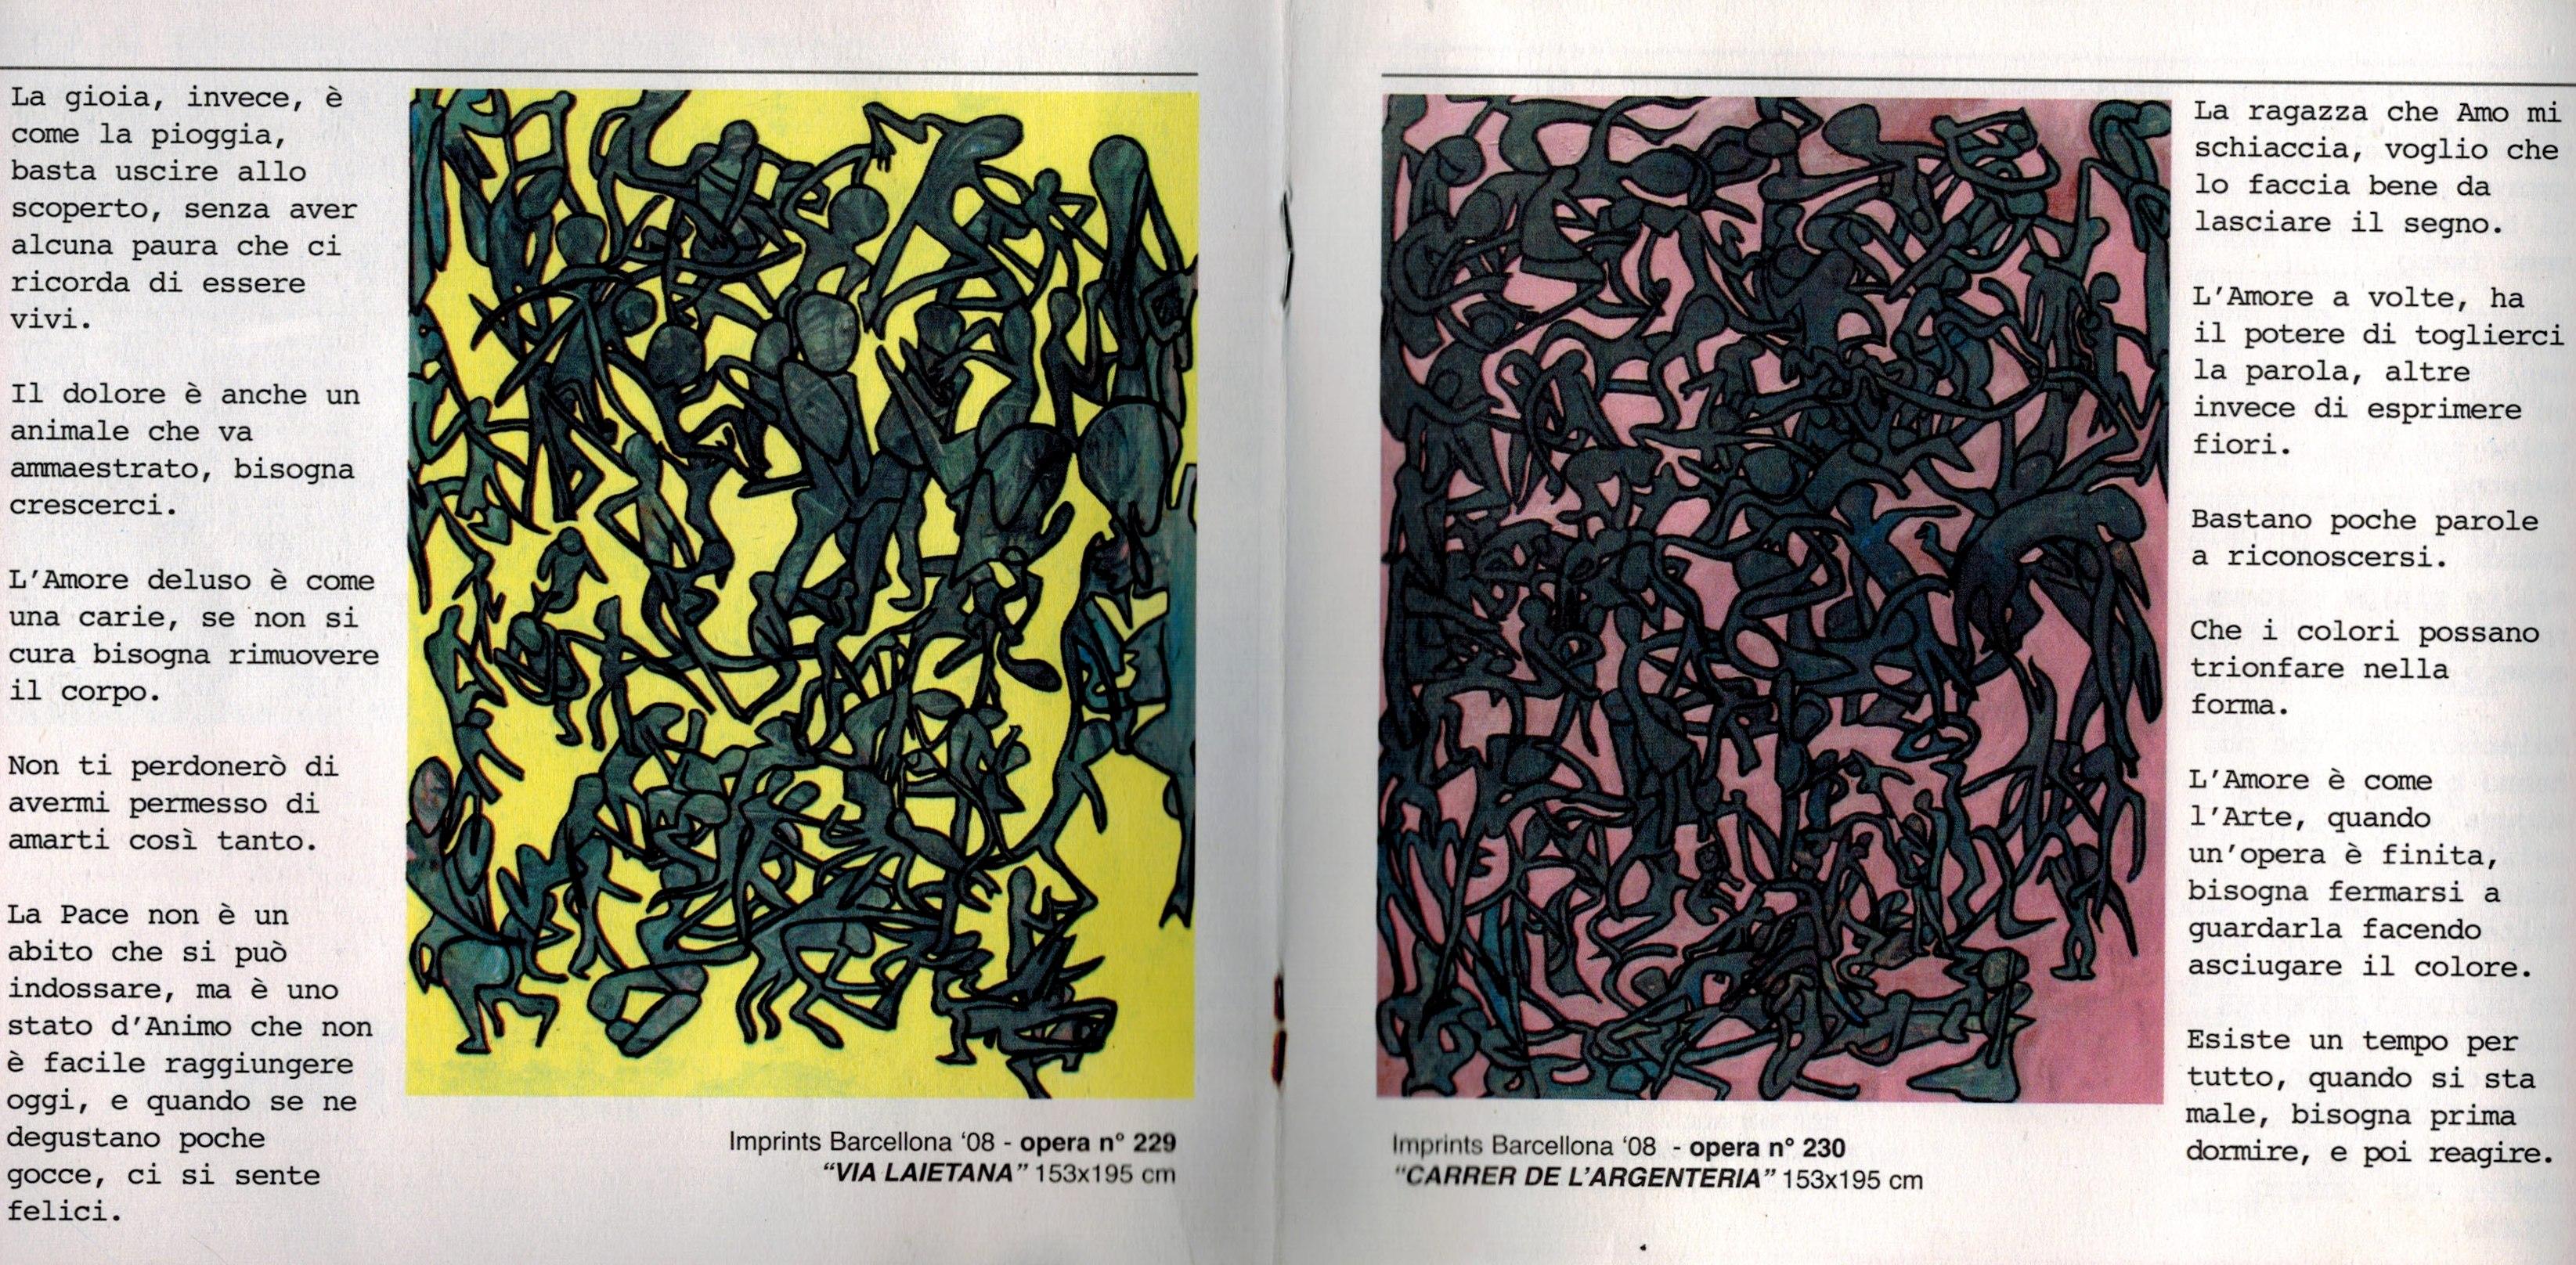 imprints barcellona